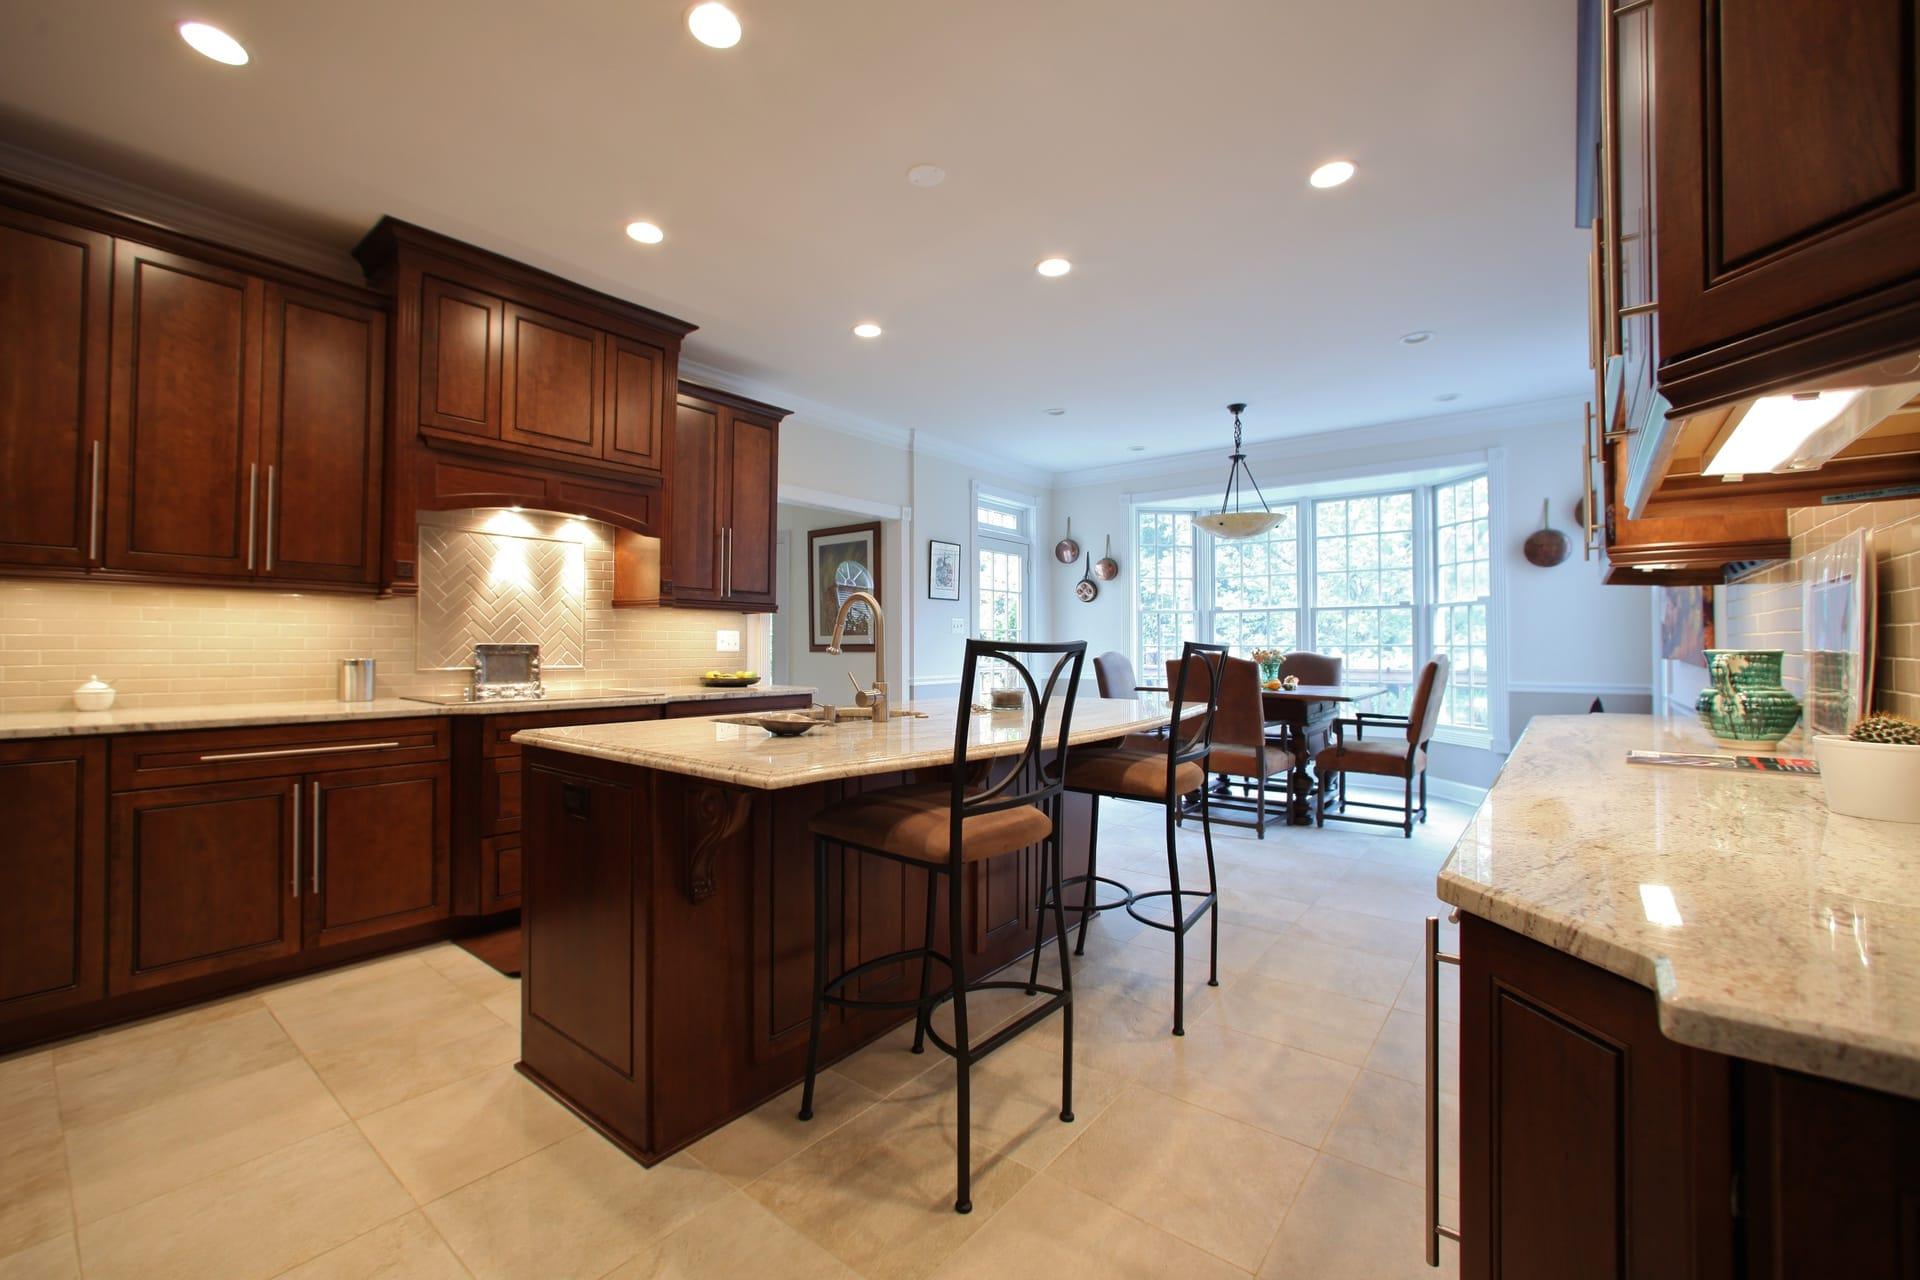 DiTullio Kitchen - Hambleton Construction (4)